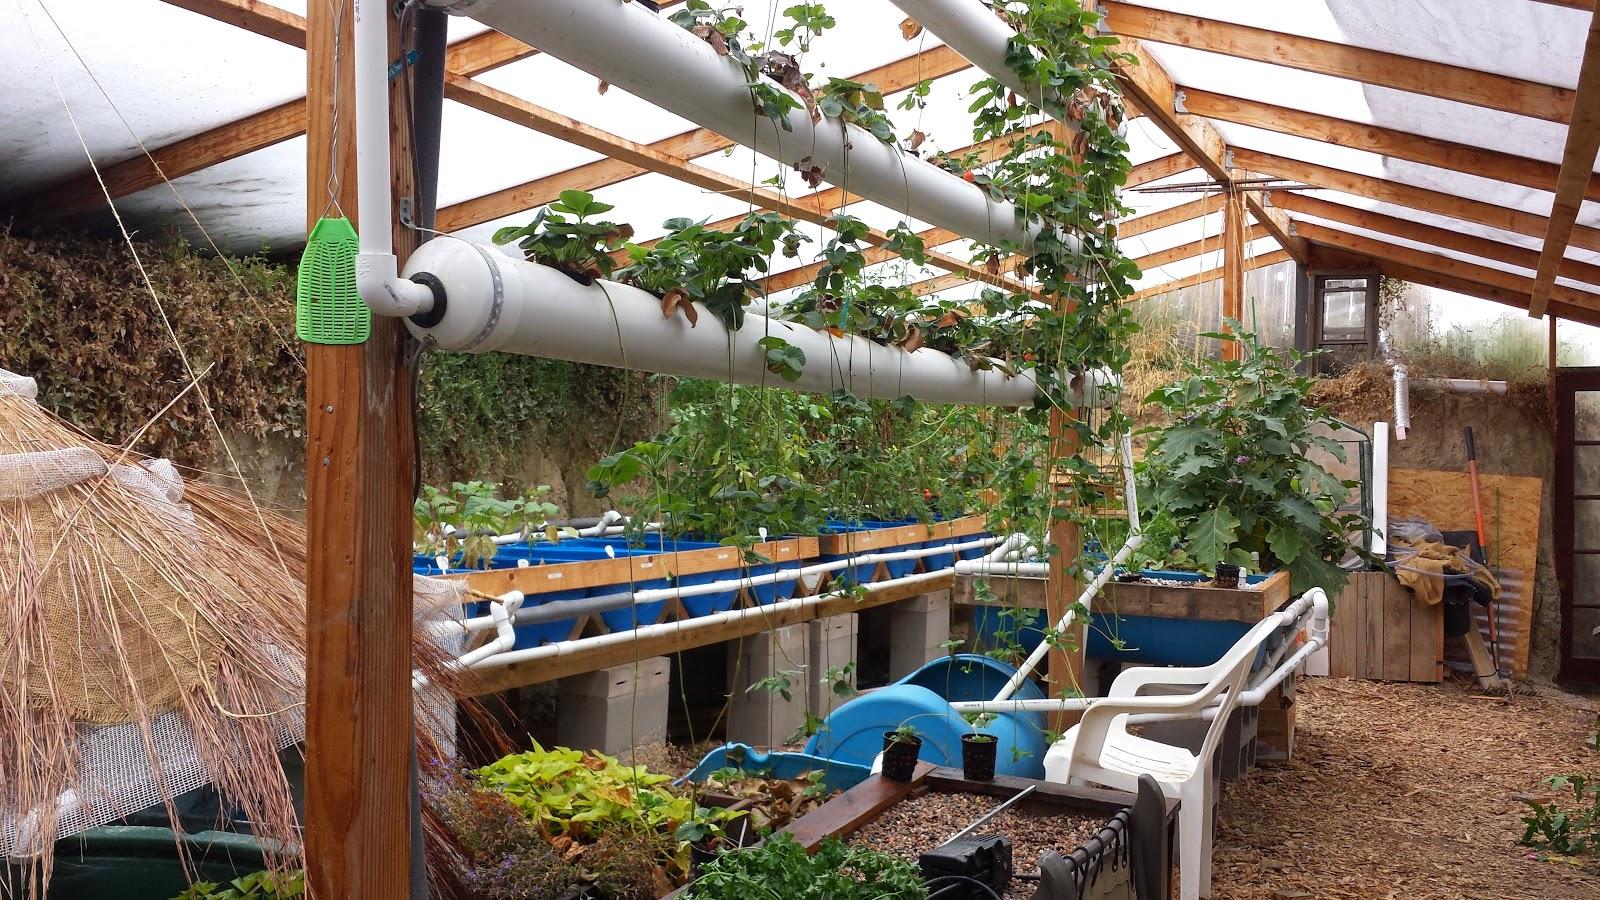 Walipini and Aquaponics: The Walipini growing season